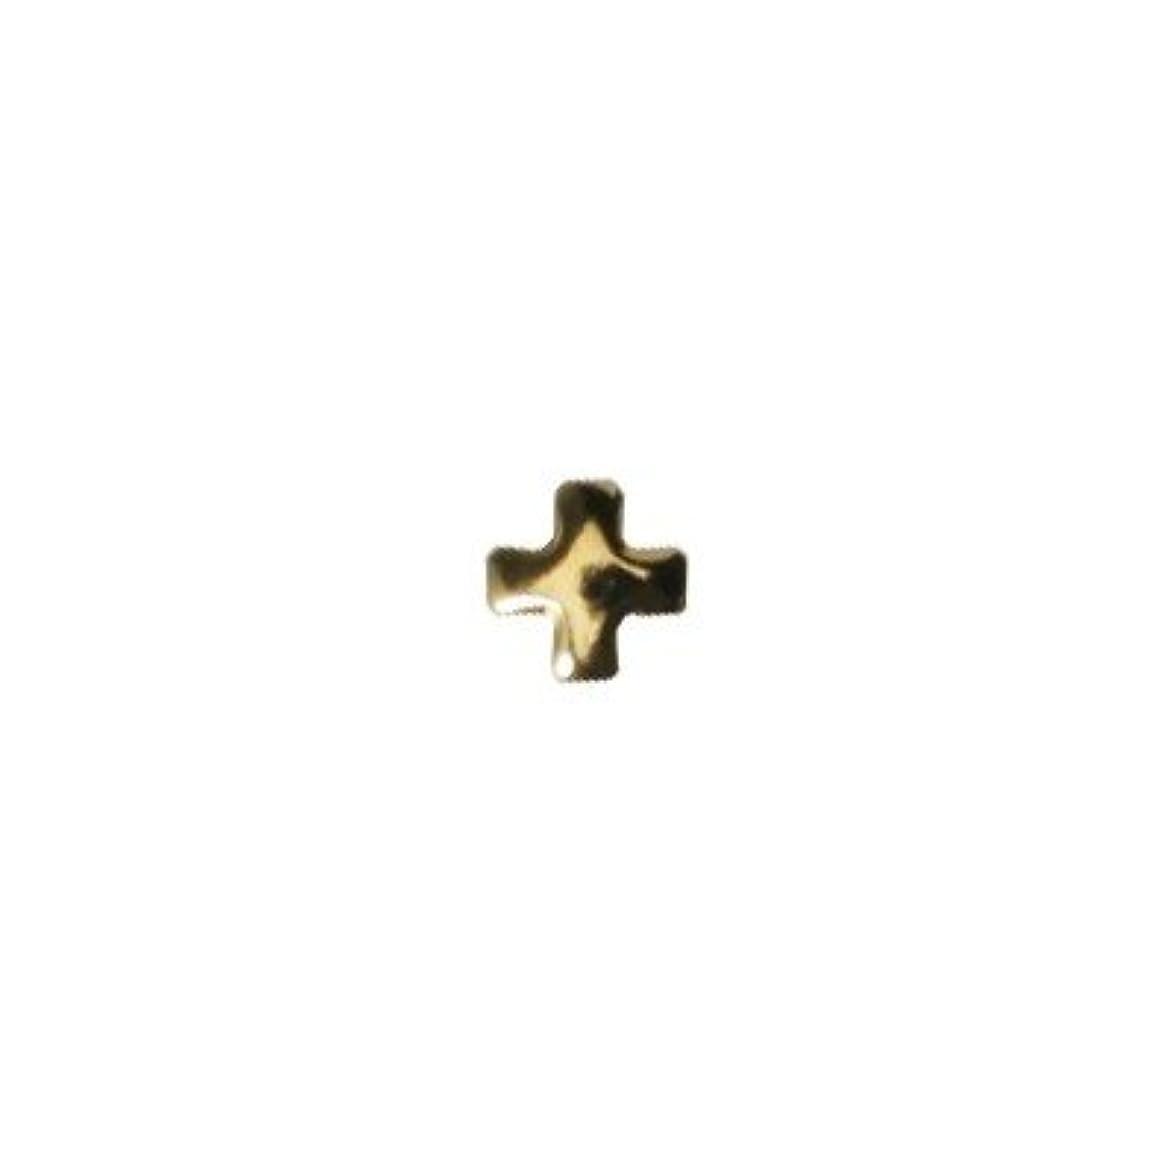 欺初心者動ピアドラ スタッズ クロスレット 2mm 50P ゴールド